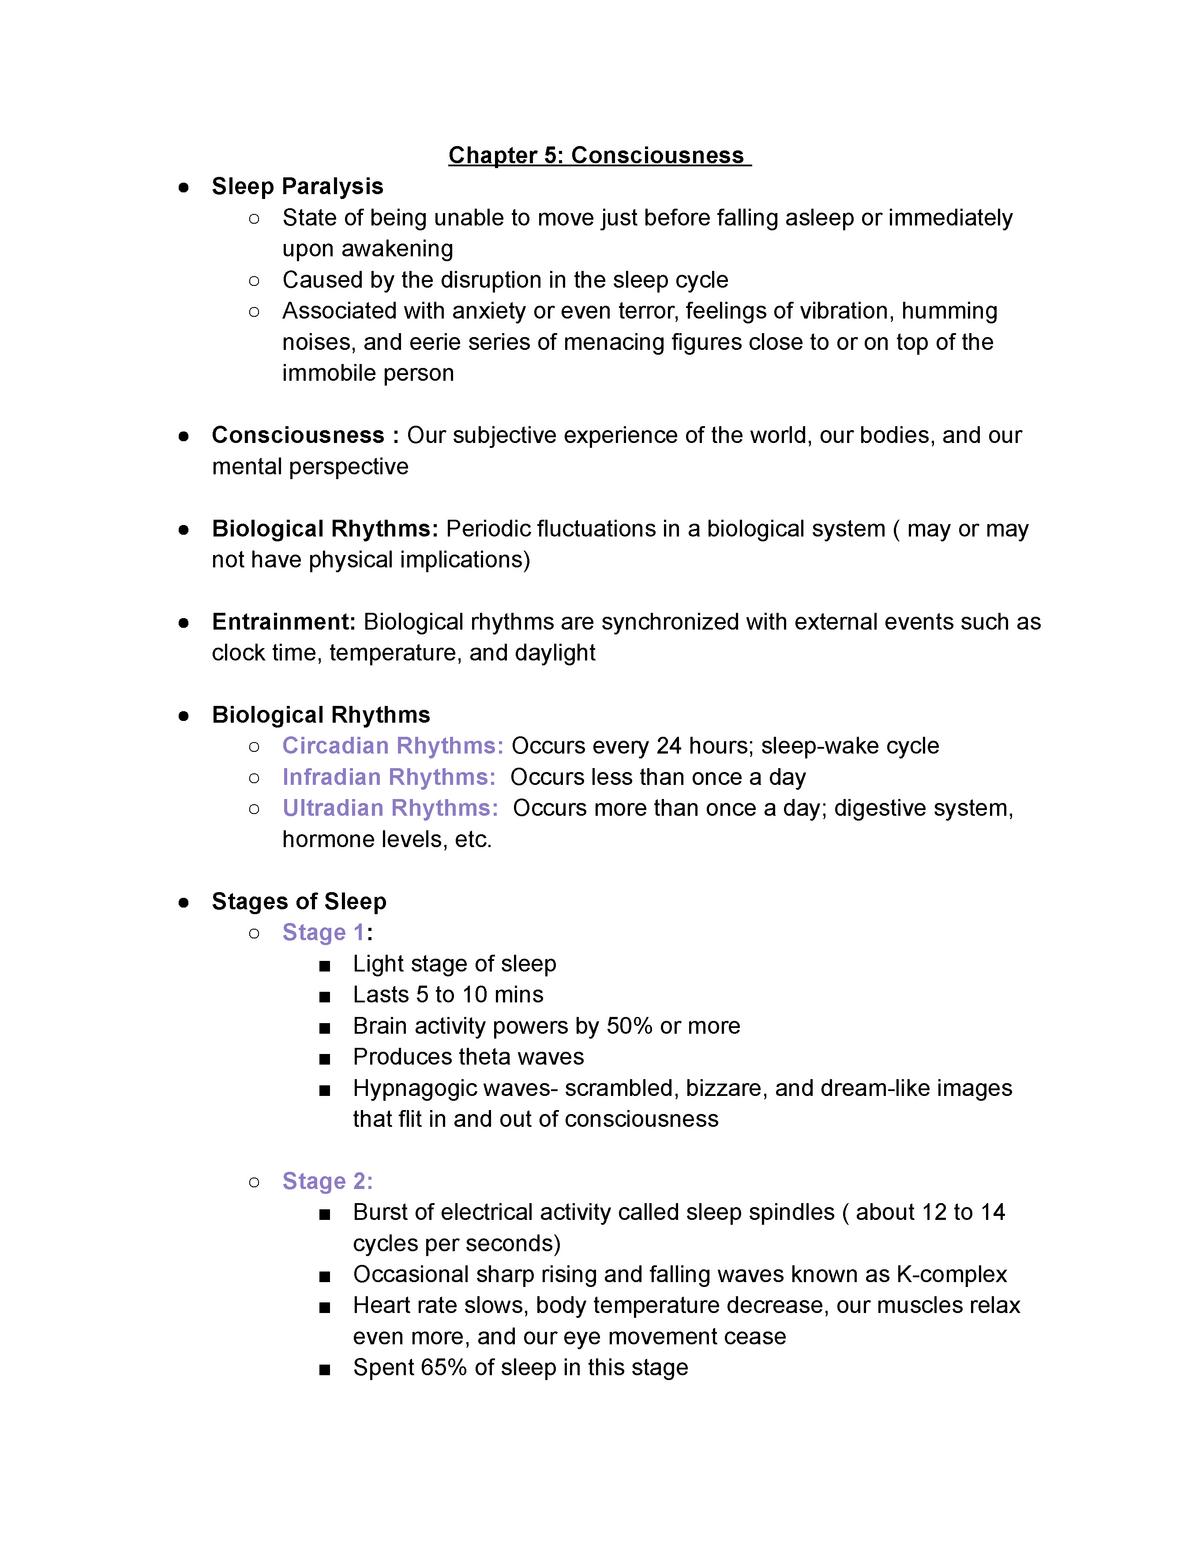 Chapter 5 Psychology - 10142: Introductory Psychology I